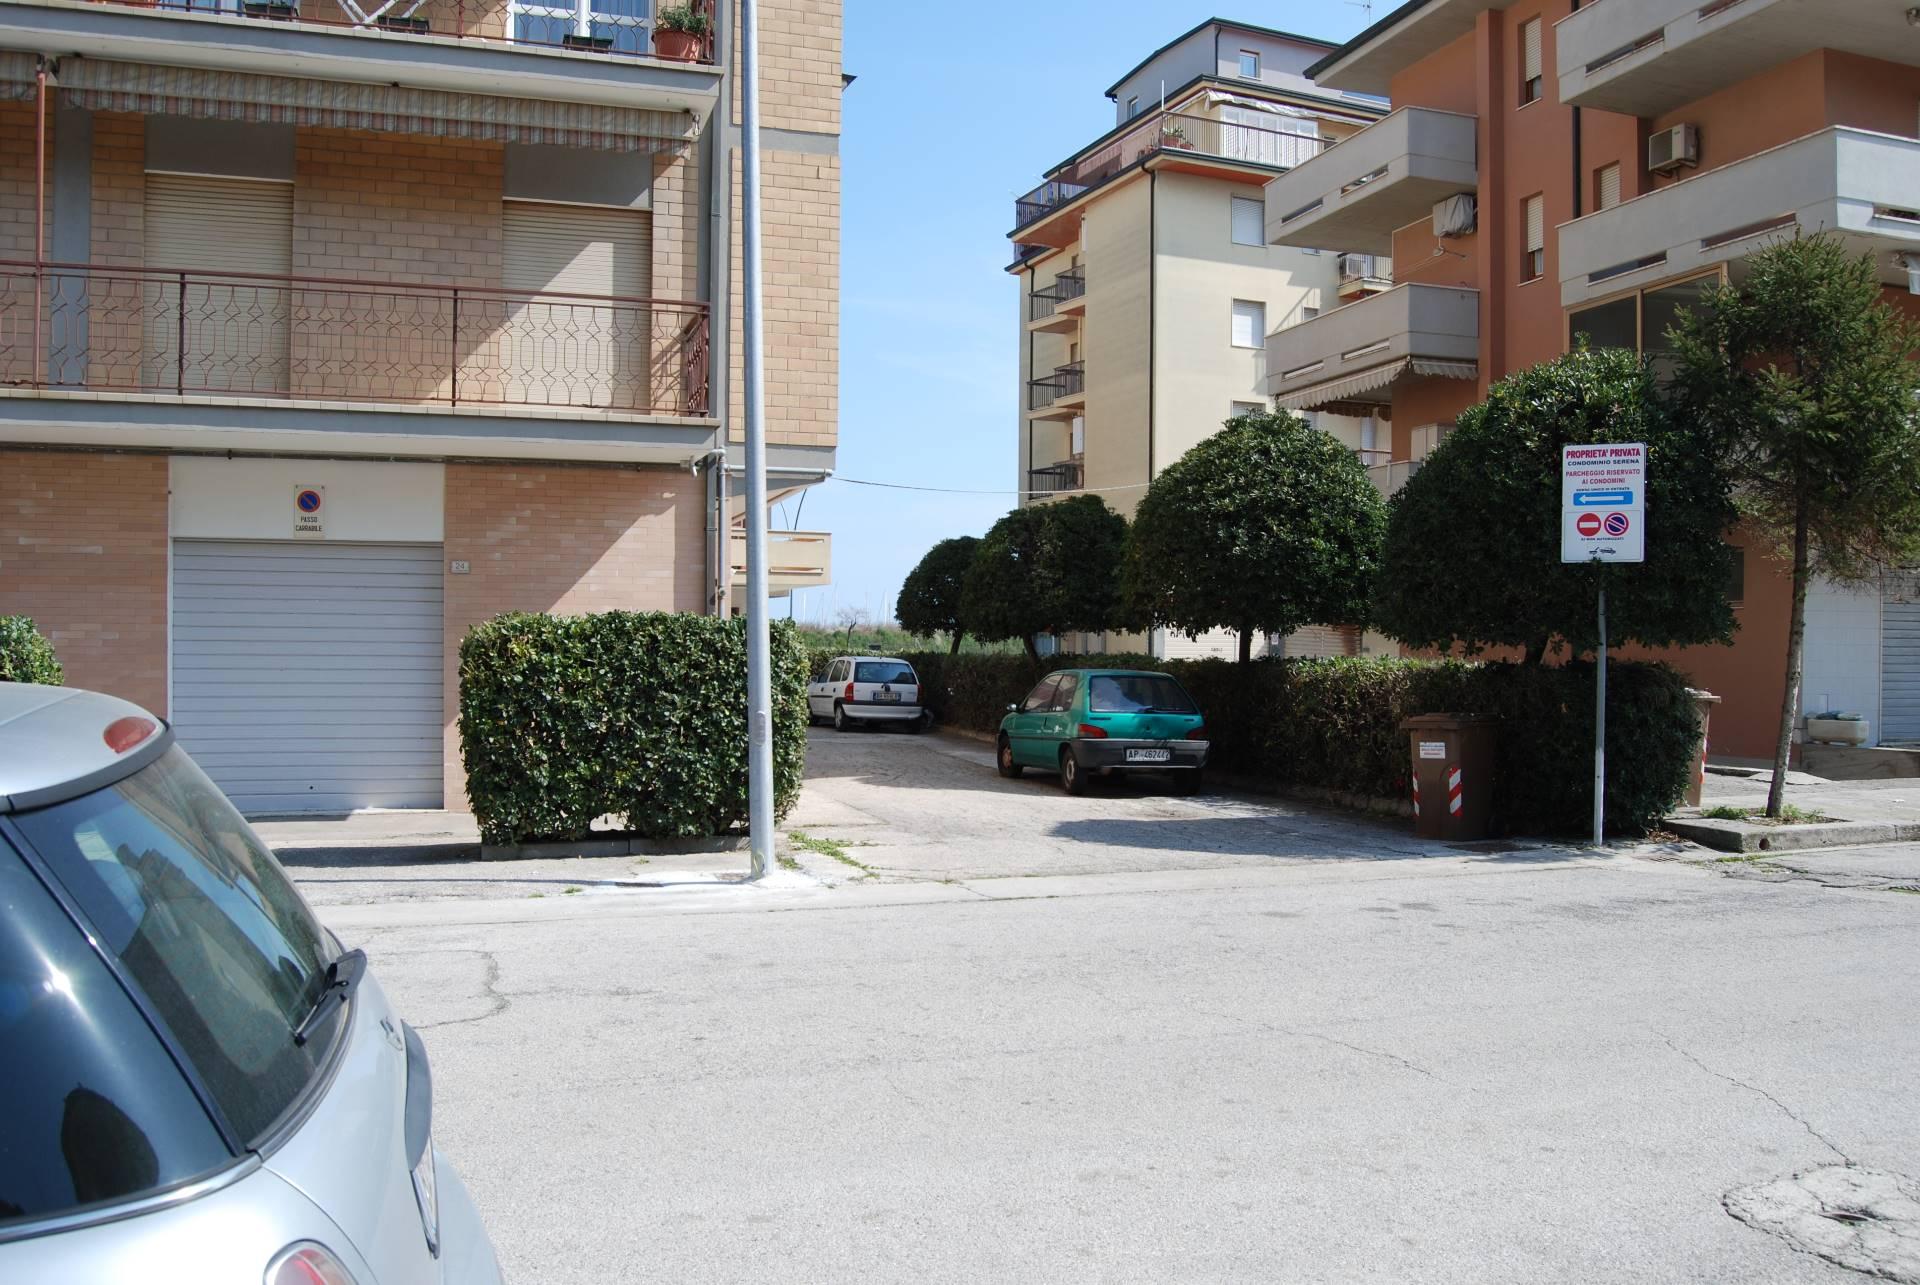 Appartamento in vendita a Porto San Giorgio, 2 locali, Trattative riservate   CambioCasa.it